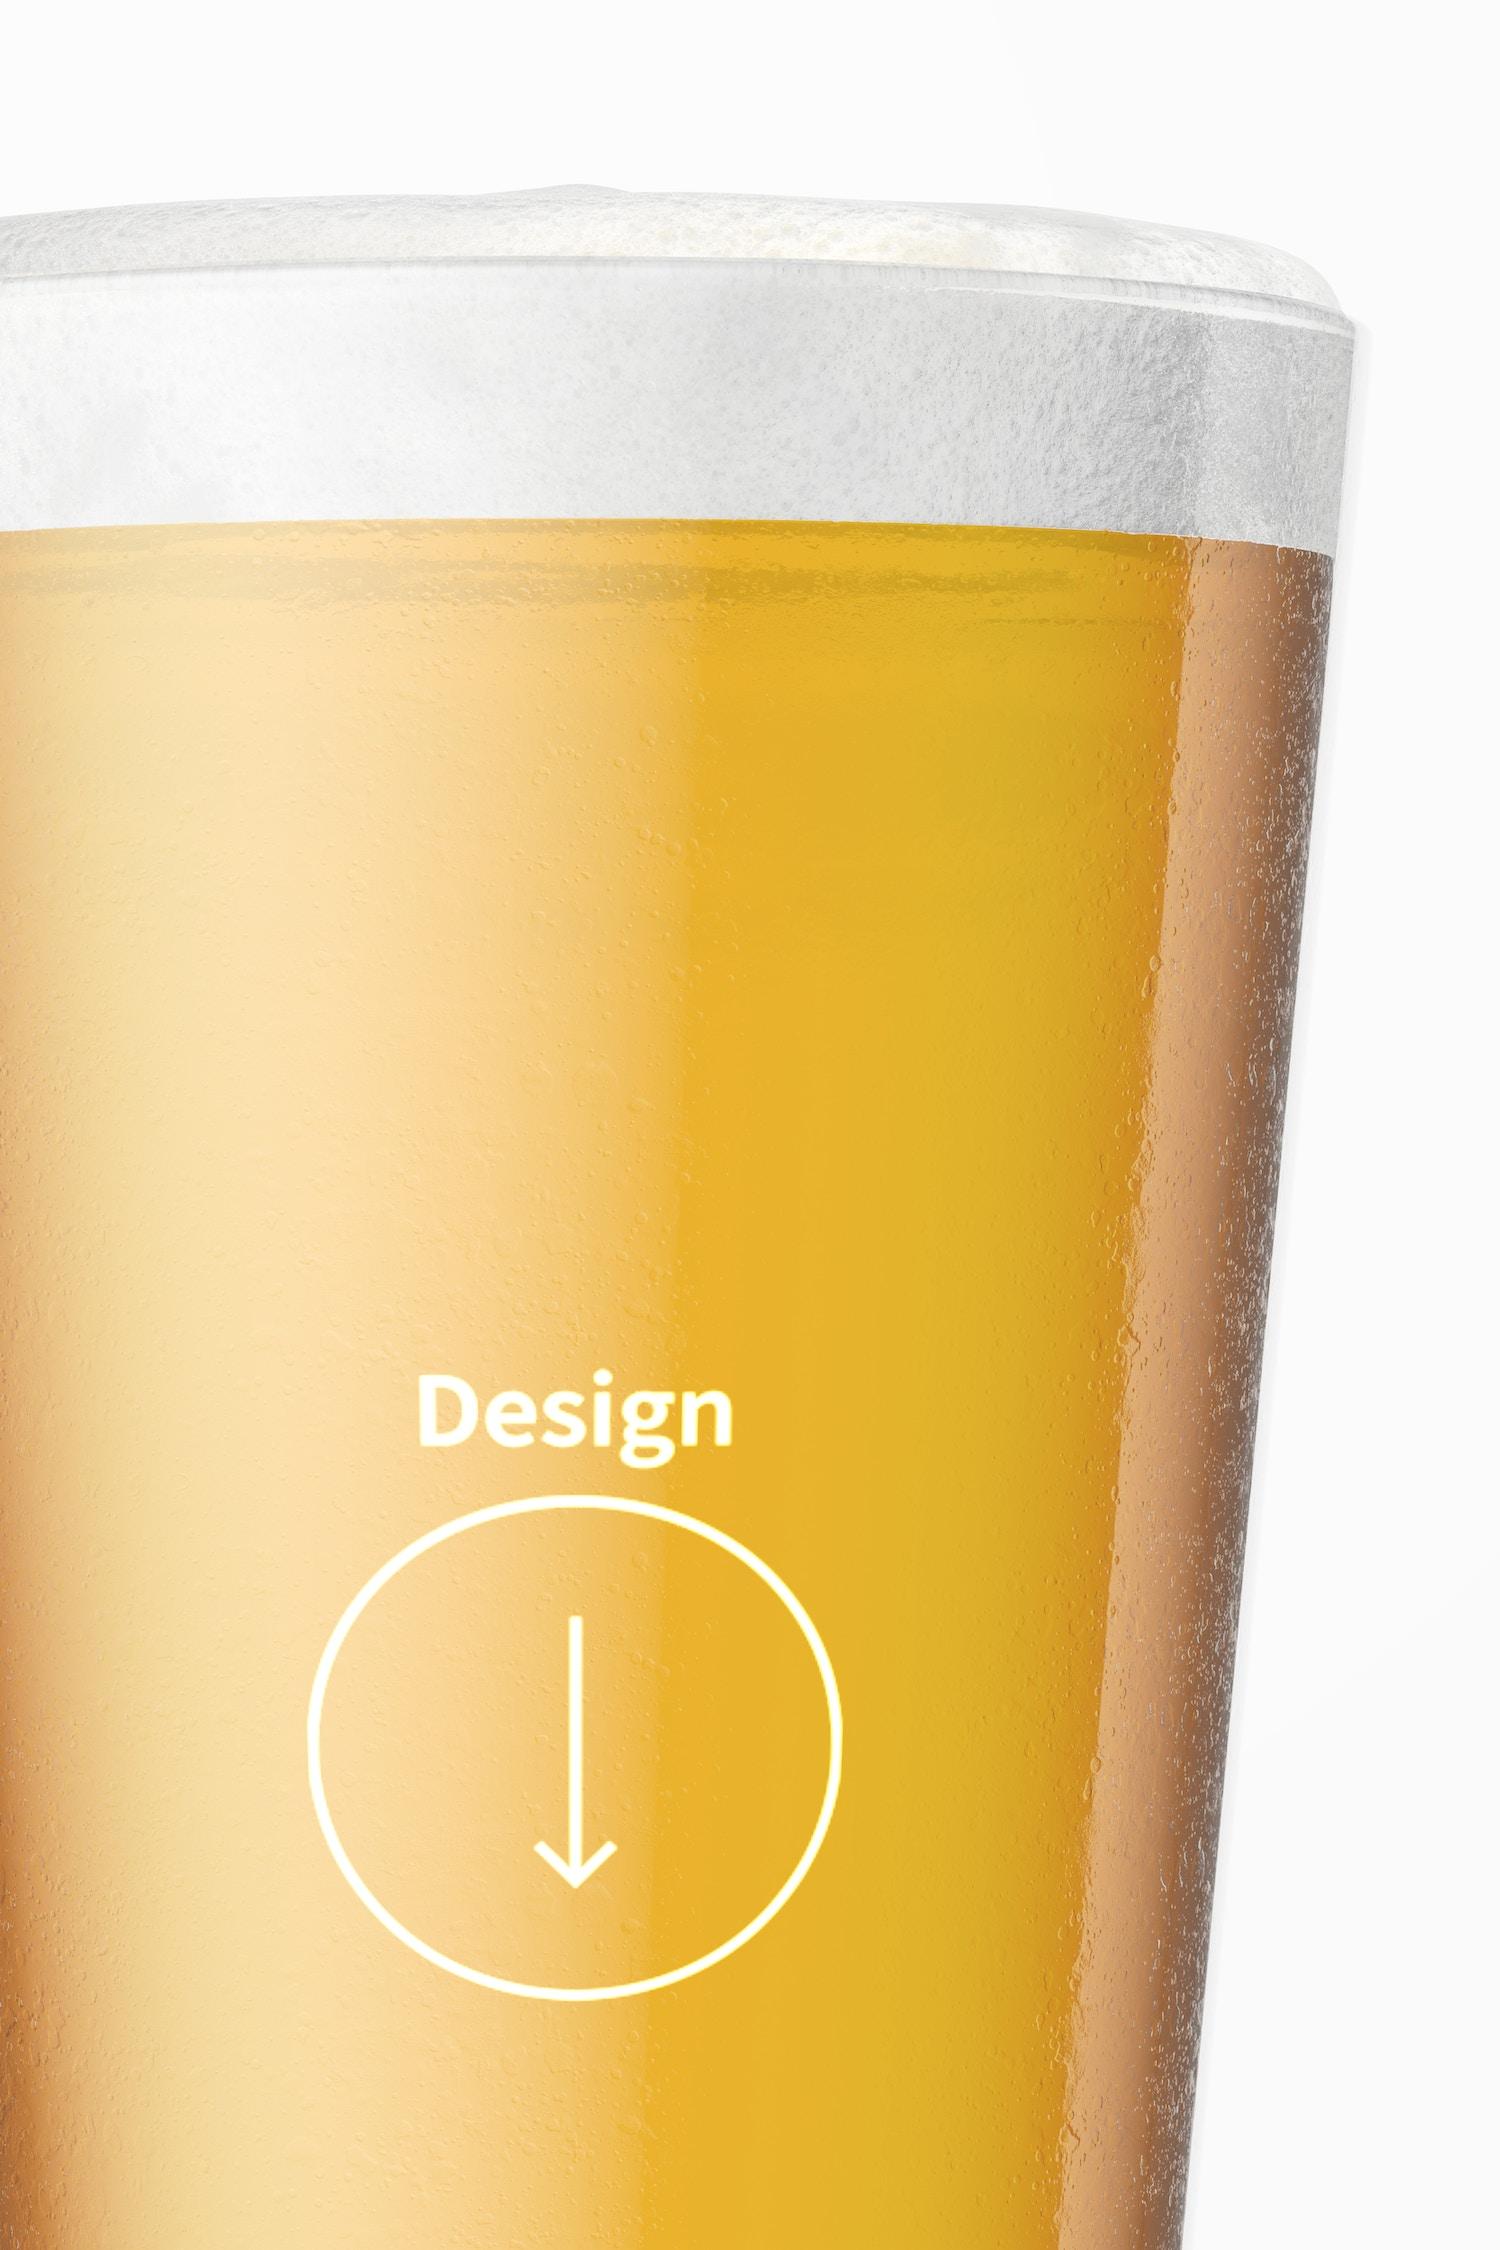 16 oz Beer Pint Mockup, Close Up